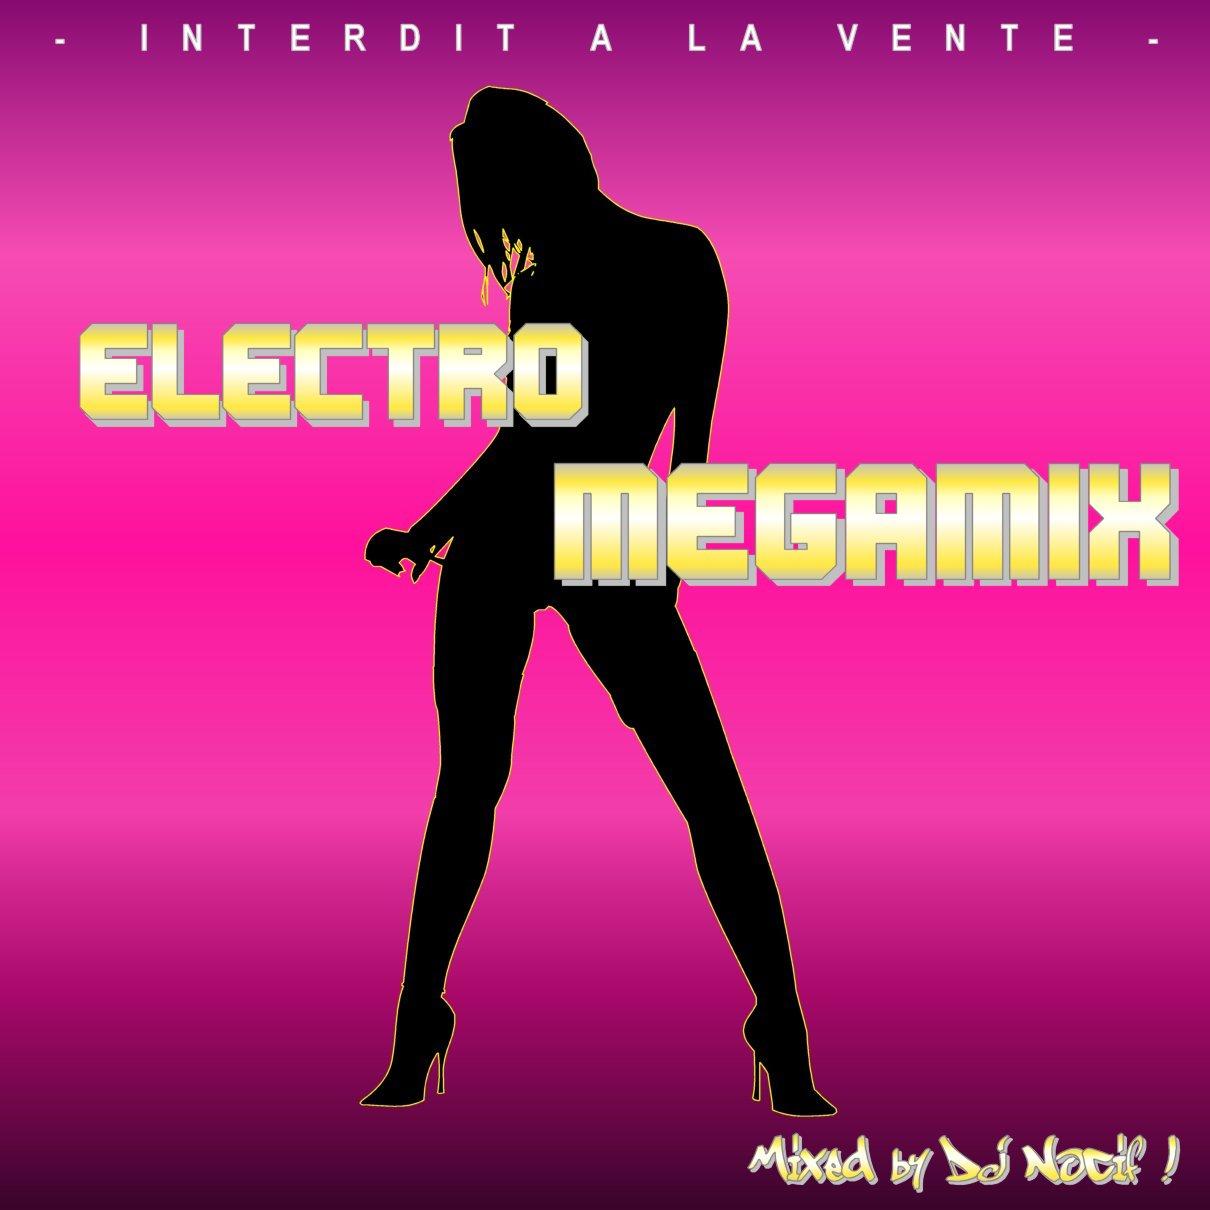 http://2.bp.blogspot.com/-9bw20AkDbLk/T8I6iYxHq7I/AAAAAAAAAPs/5iUMDiNHJjA/s1600/Electro+Megamix+%28DJ+Nocif+Mix+%21%29+%28Devant%29.jpg